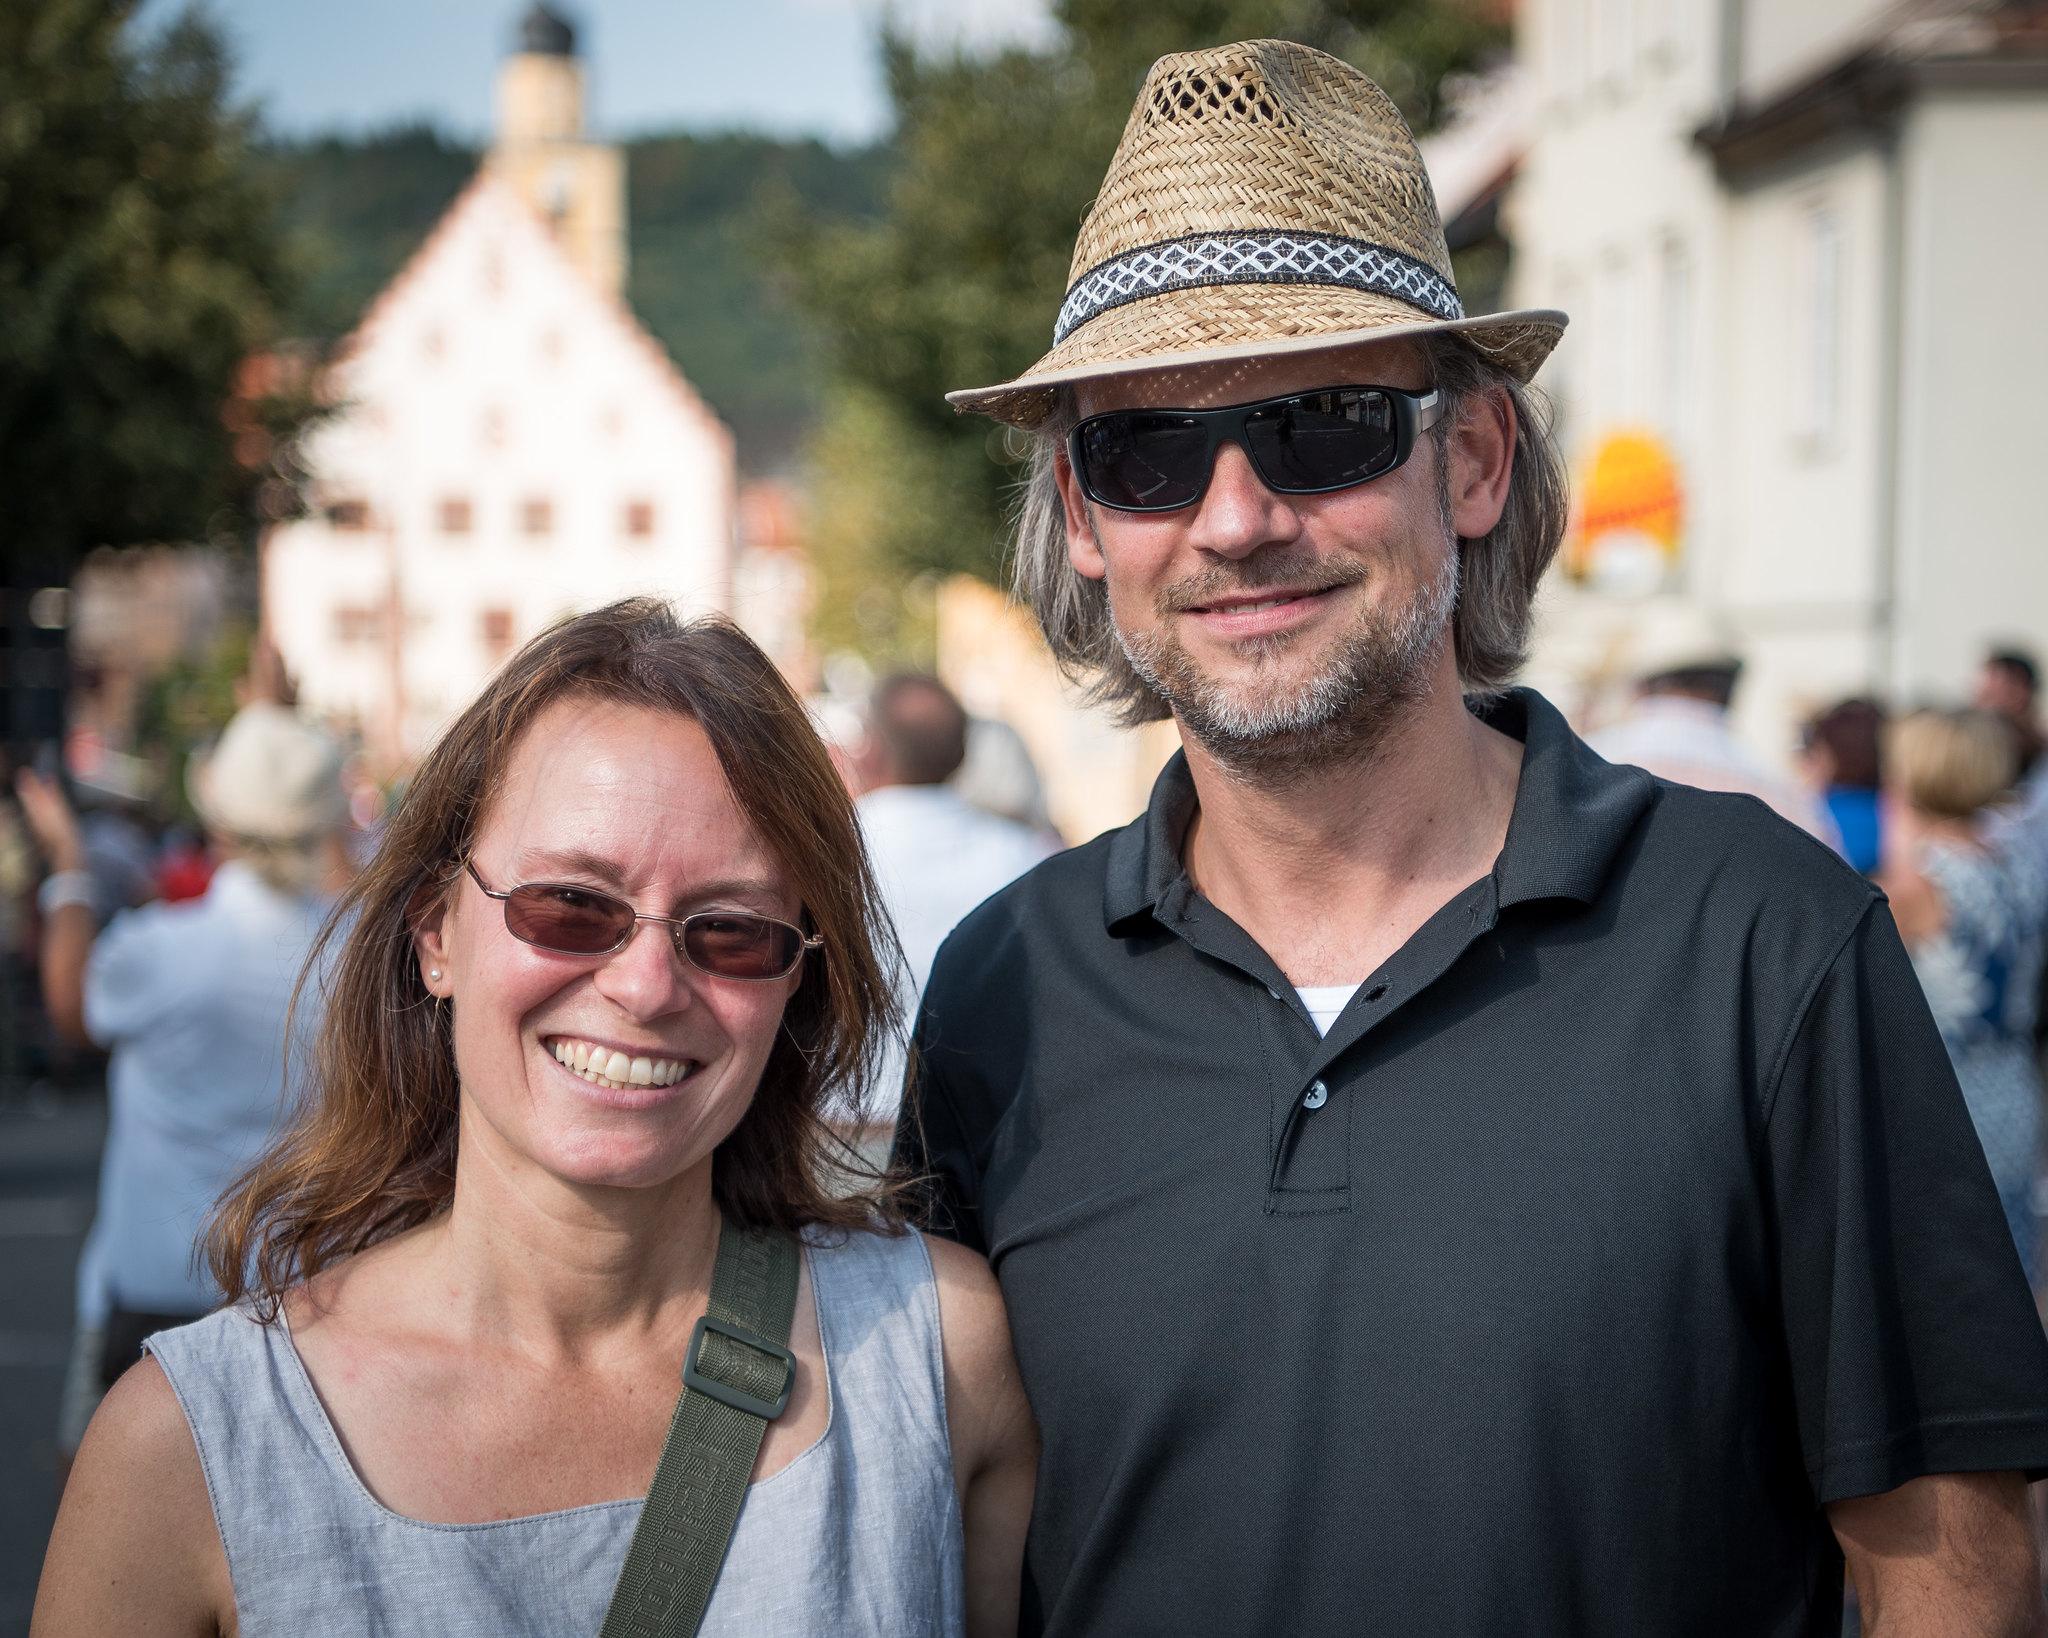 2016_09_11_Gisela_und_Juergen_Landesfestumzug_Bad_Mergentheim